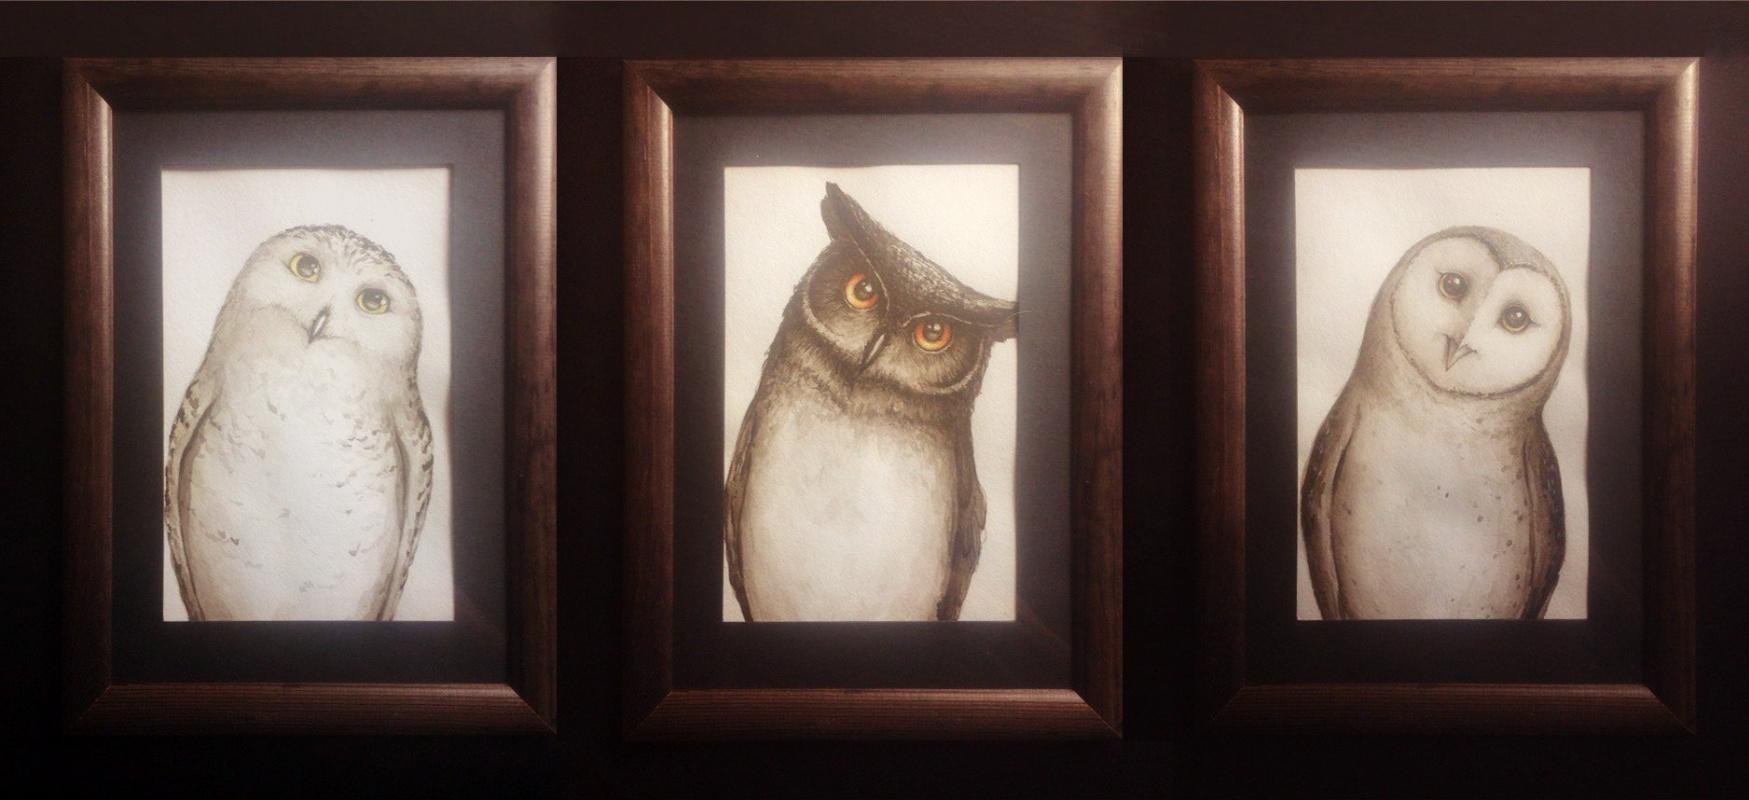 Петр Сергеевич Кучеренко. Owls